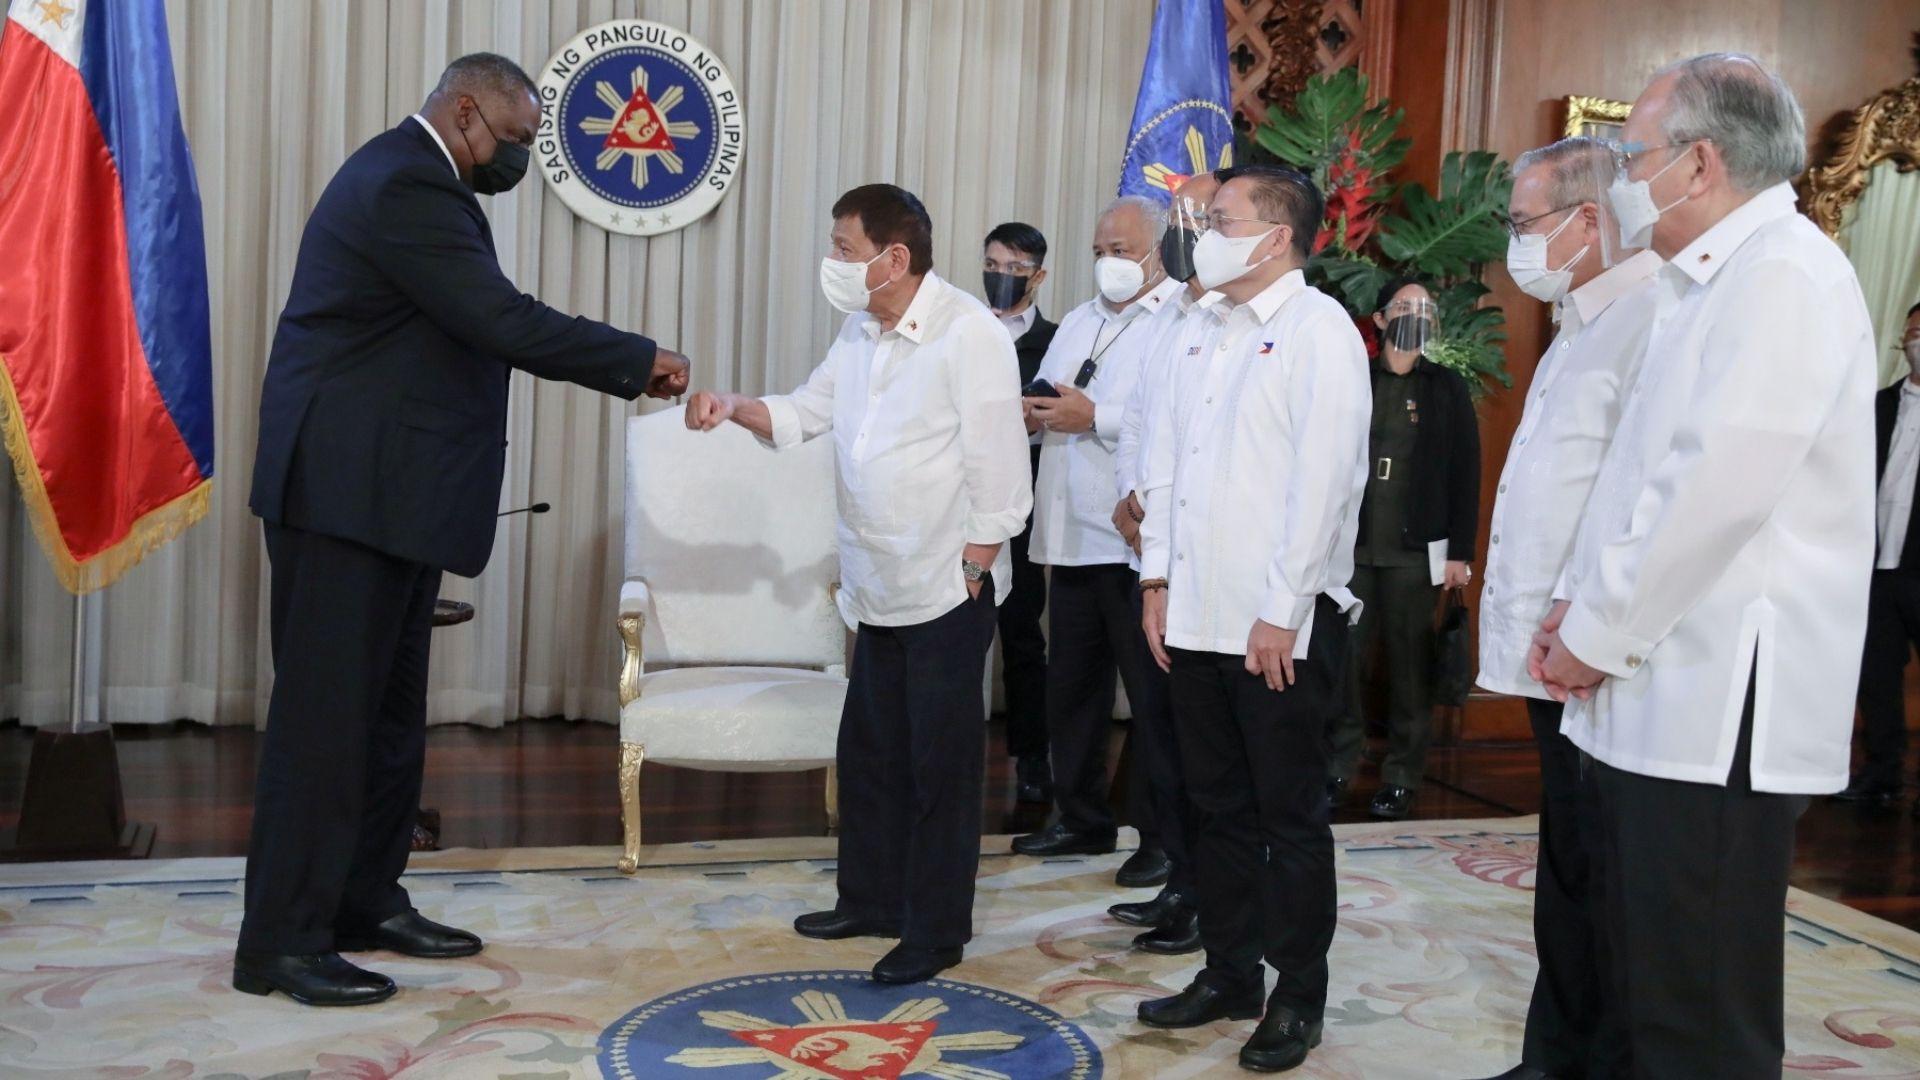 Bộ trưởng Quốc phòng Mỹ Lloyd Austin gặp Tổng thống Philippines Rodrigo Duterte ngày 29/7 tại Manila. Ảnh: Reuters.